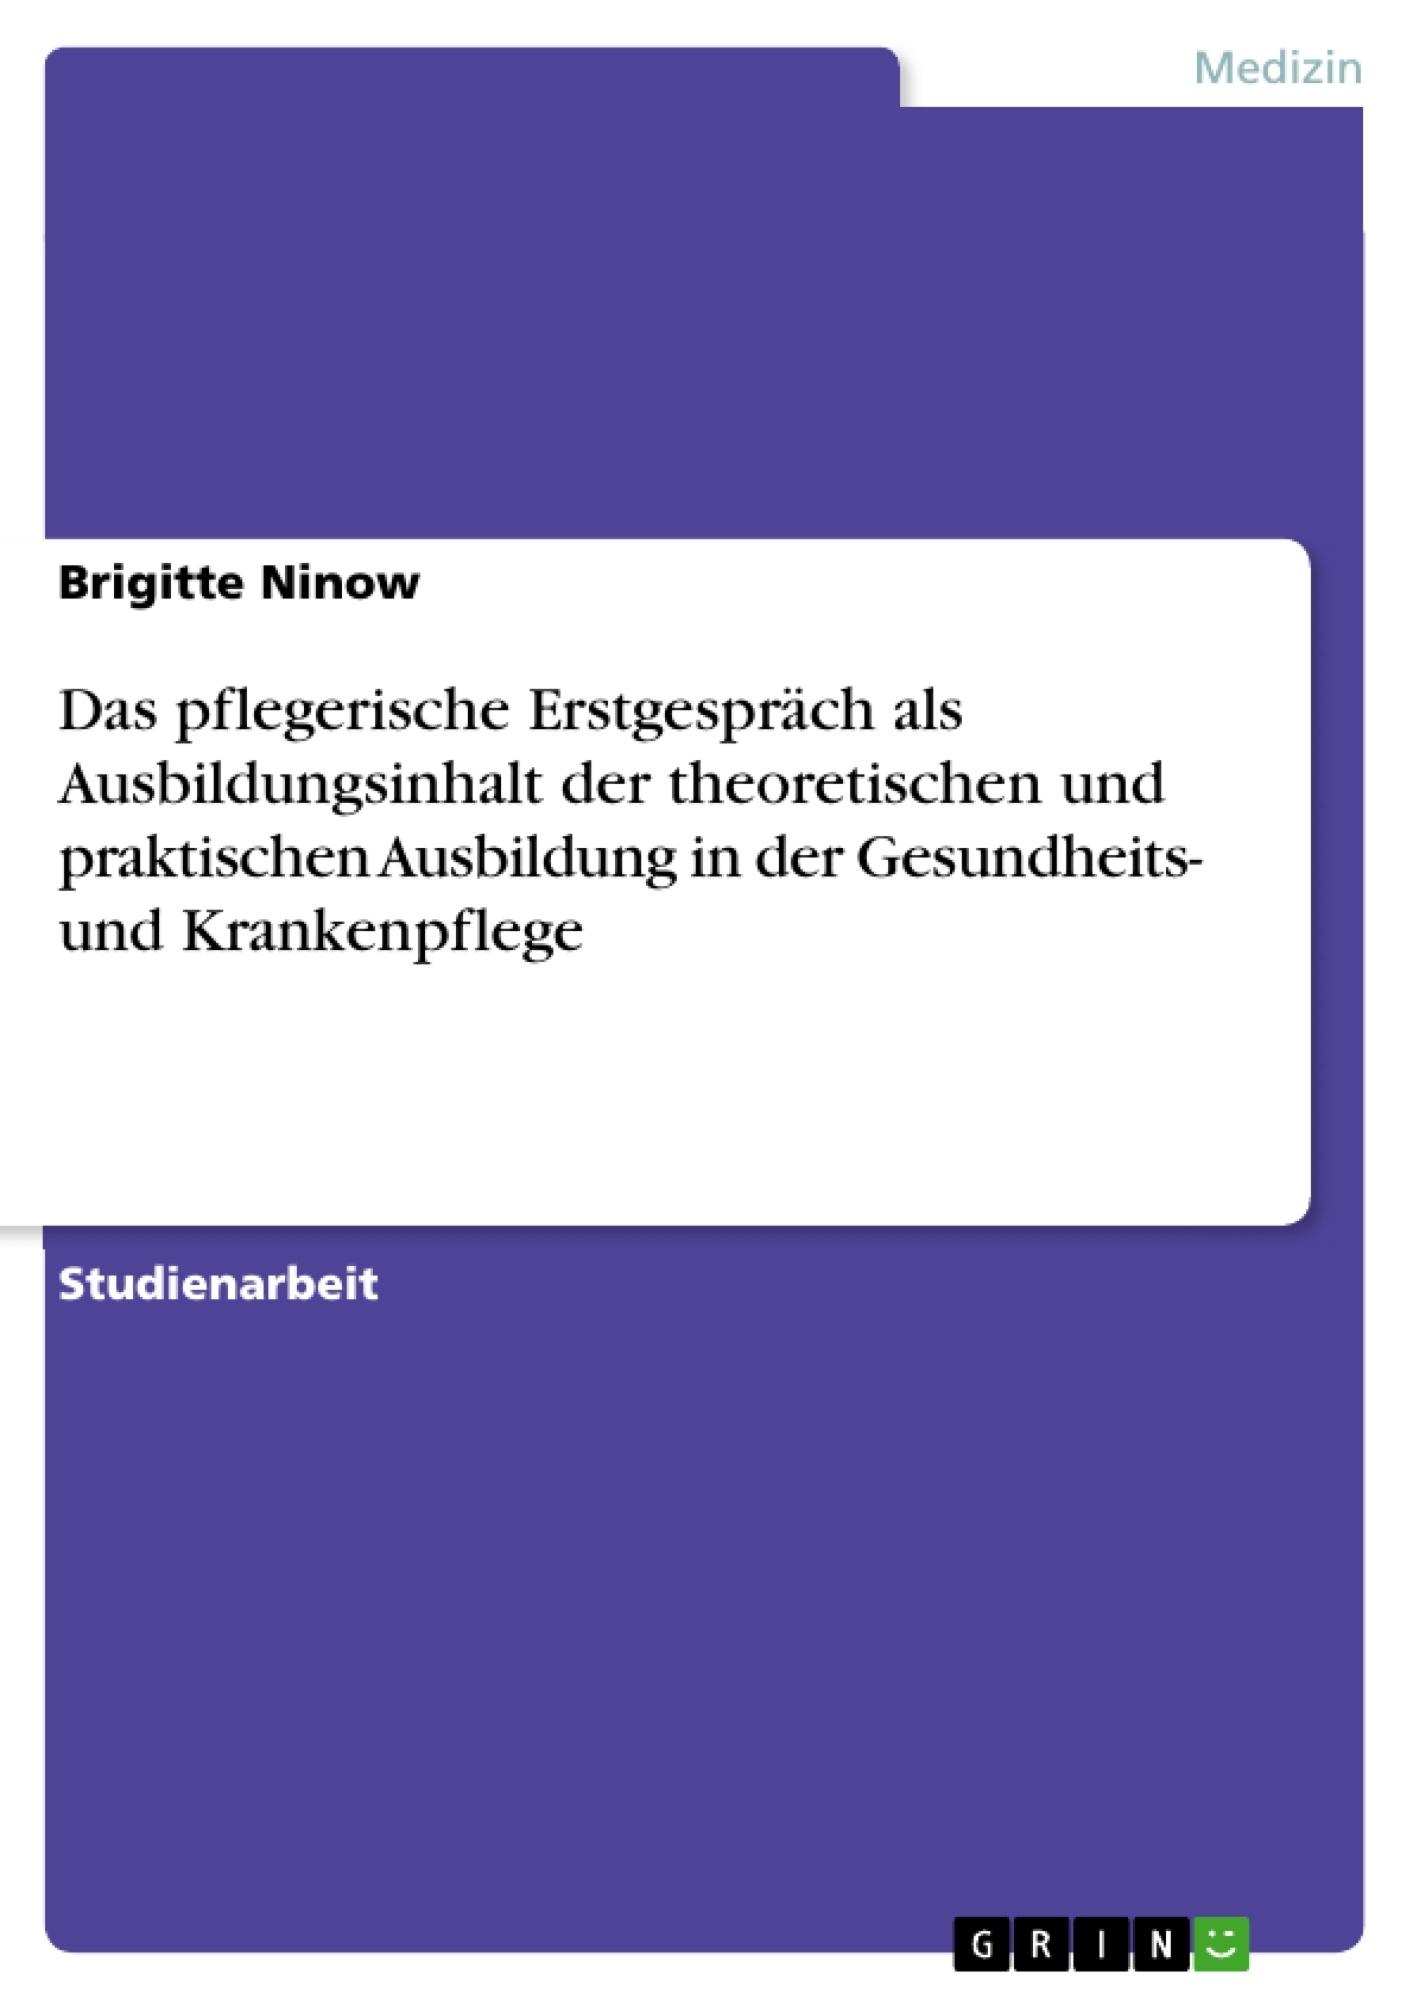 Titel: Das pflegerische Erstgespräch als Ausbildungsinhalt der theoretischen und praktischen Ausbildung in der Gesundheits- und Krankenpflege